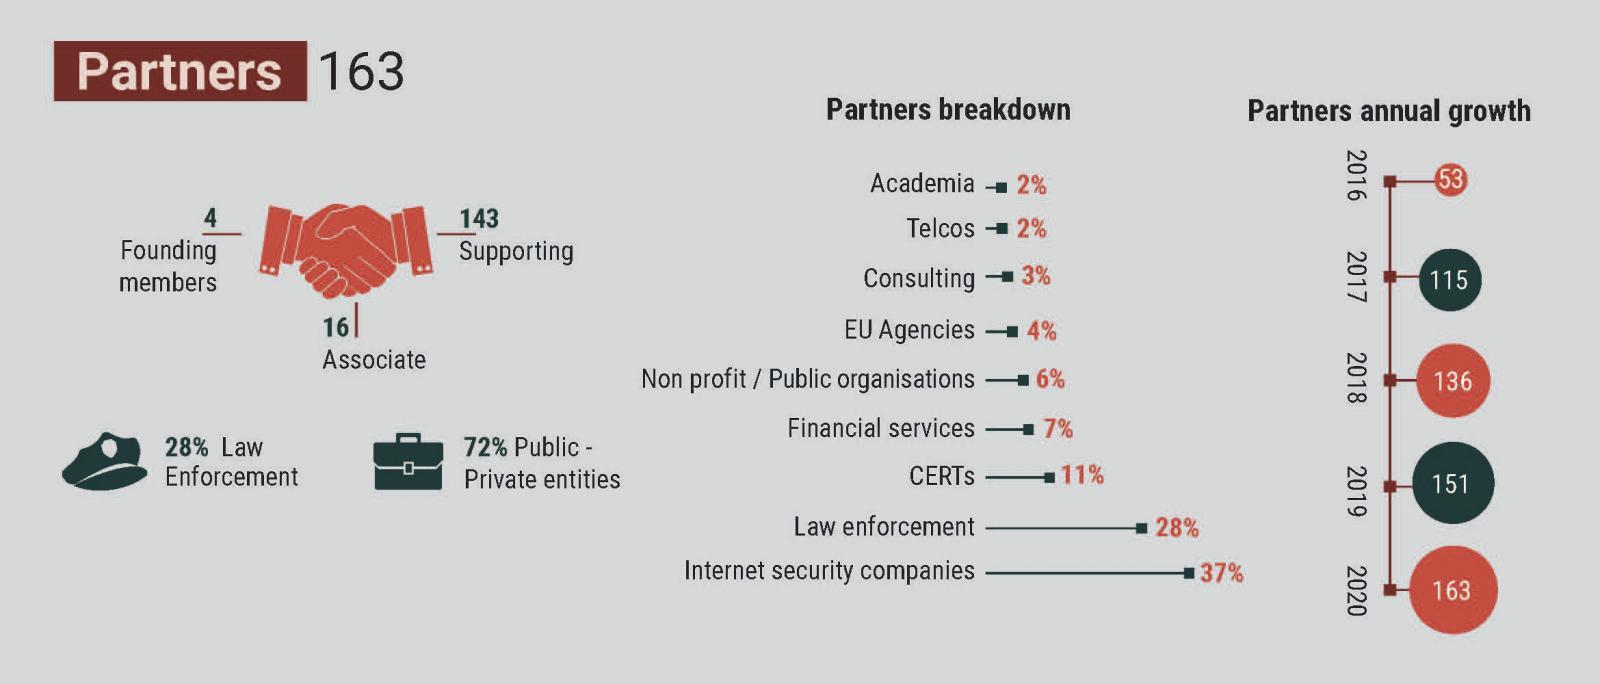 Partner breakdowns